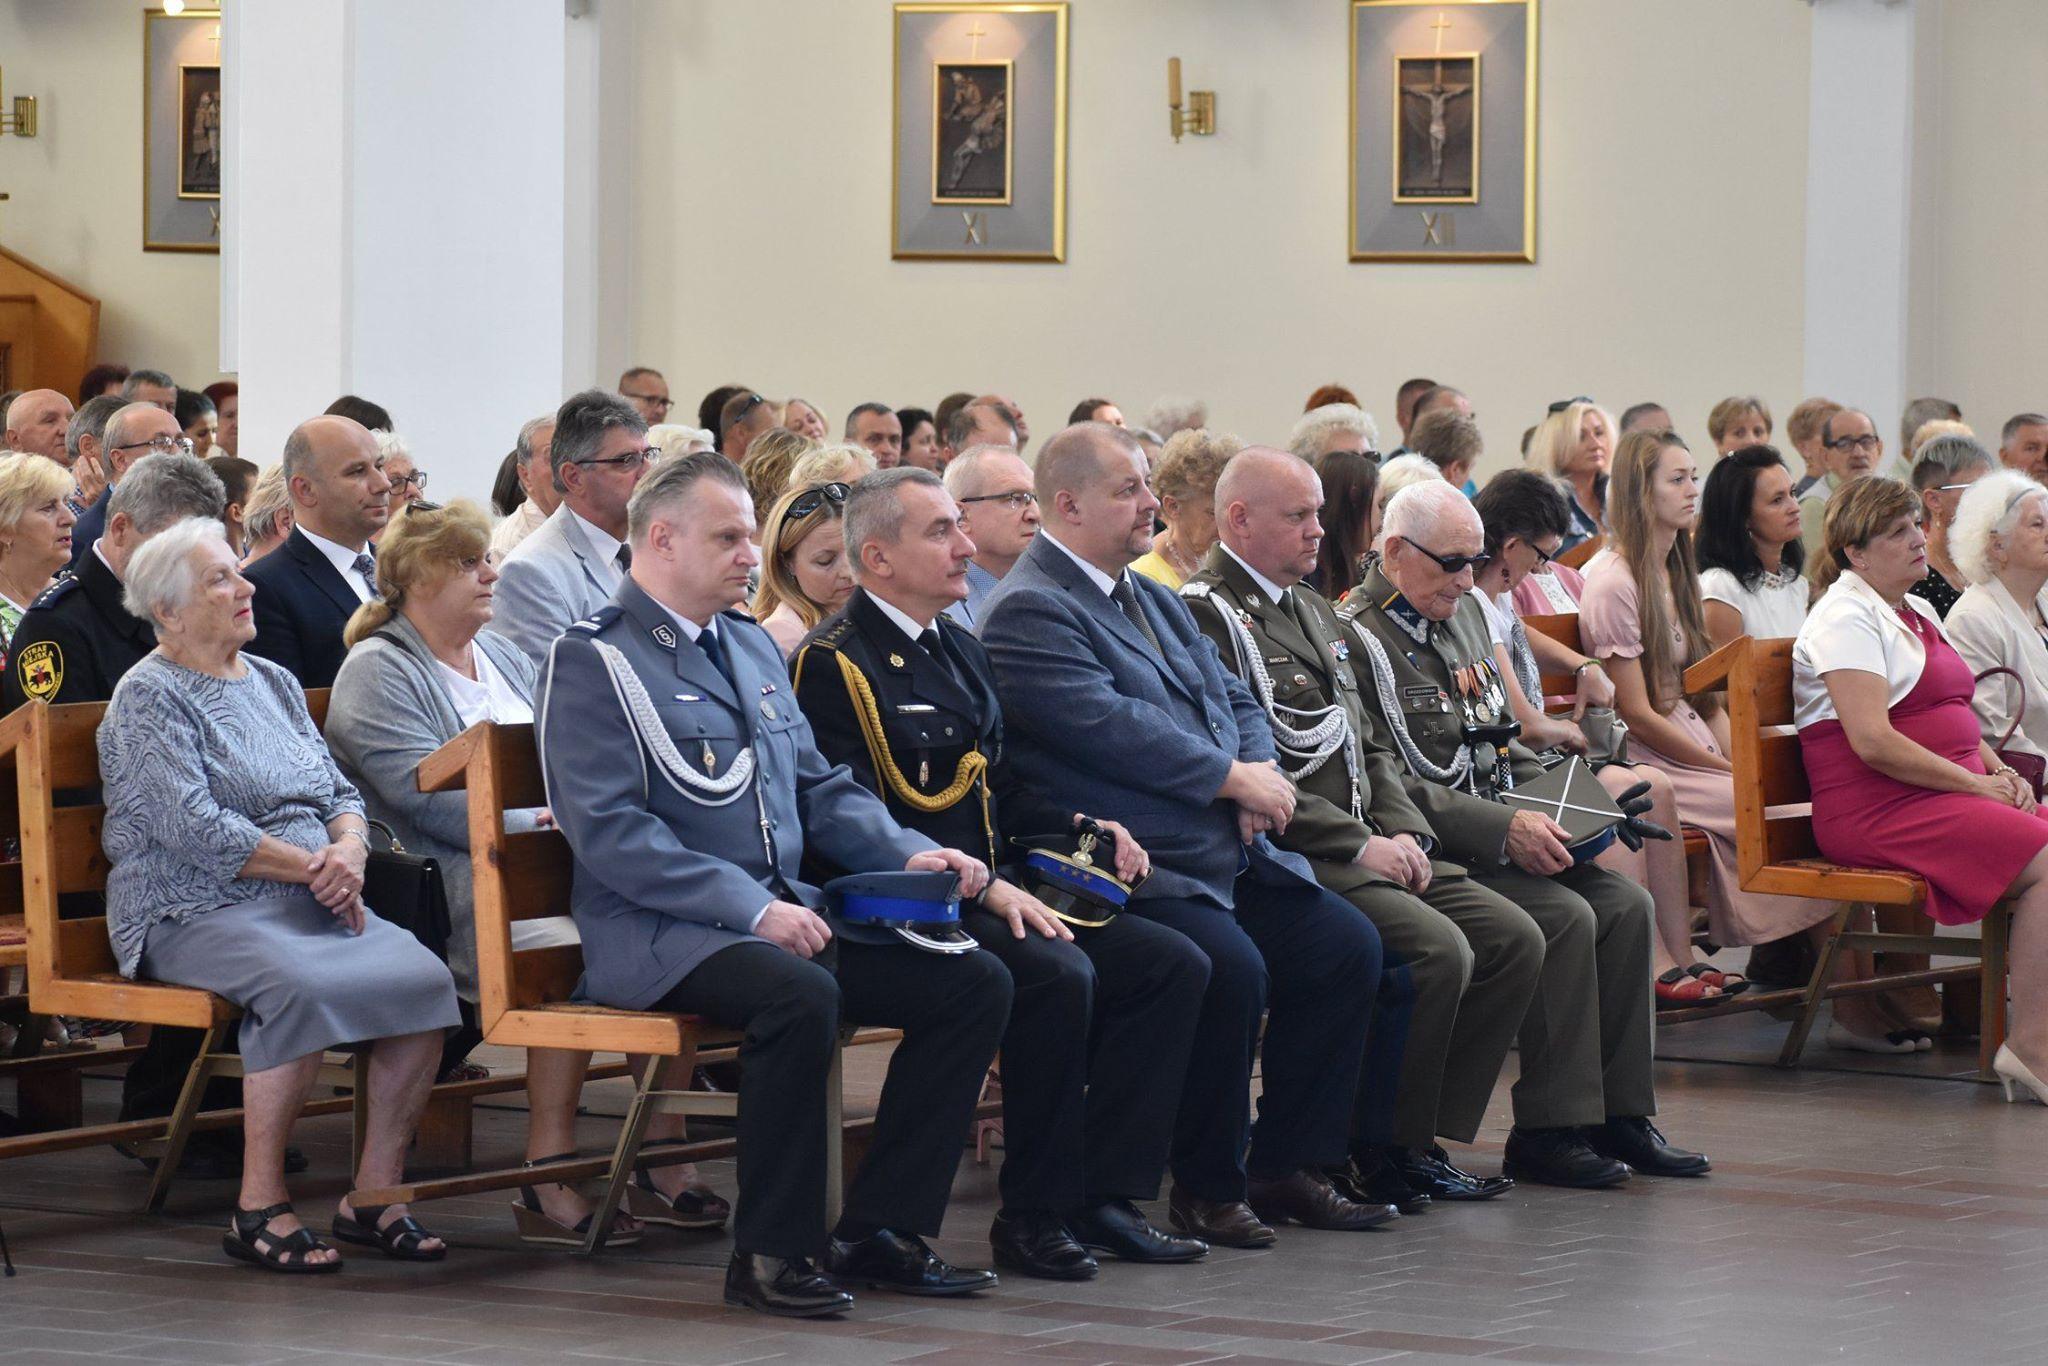 Zdjęcie z uroczystości wojskowych - sierpien 2019